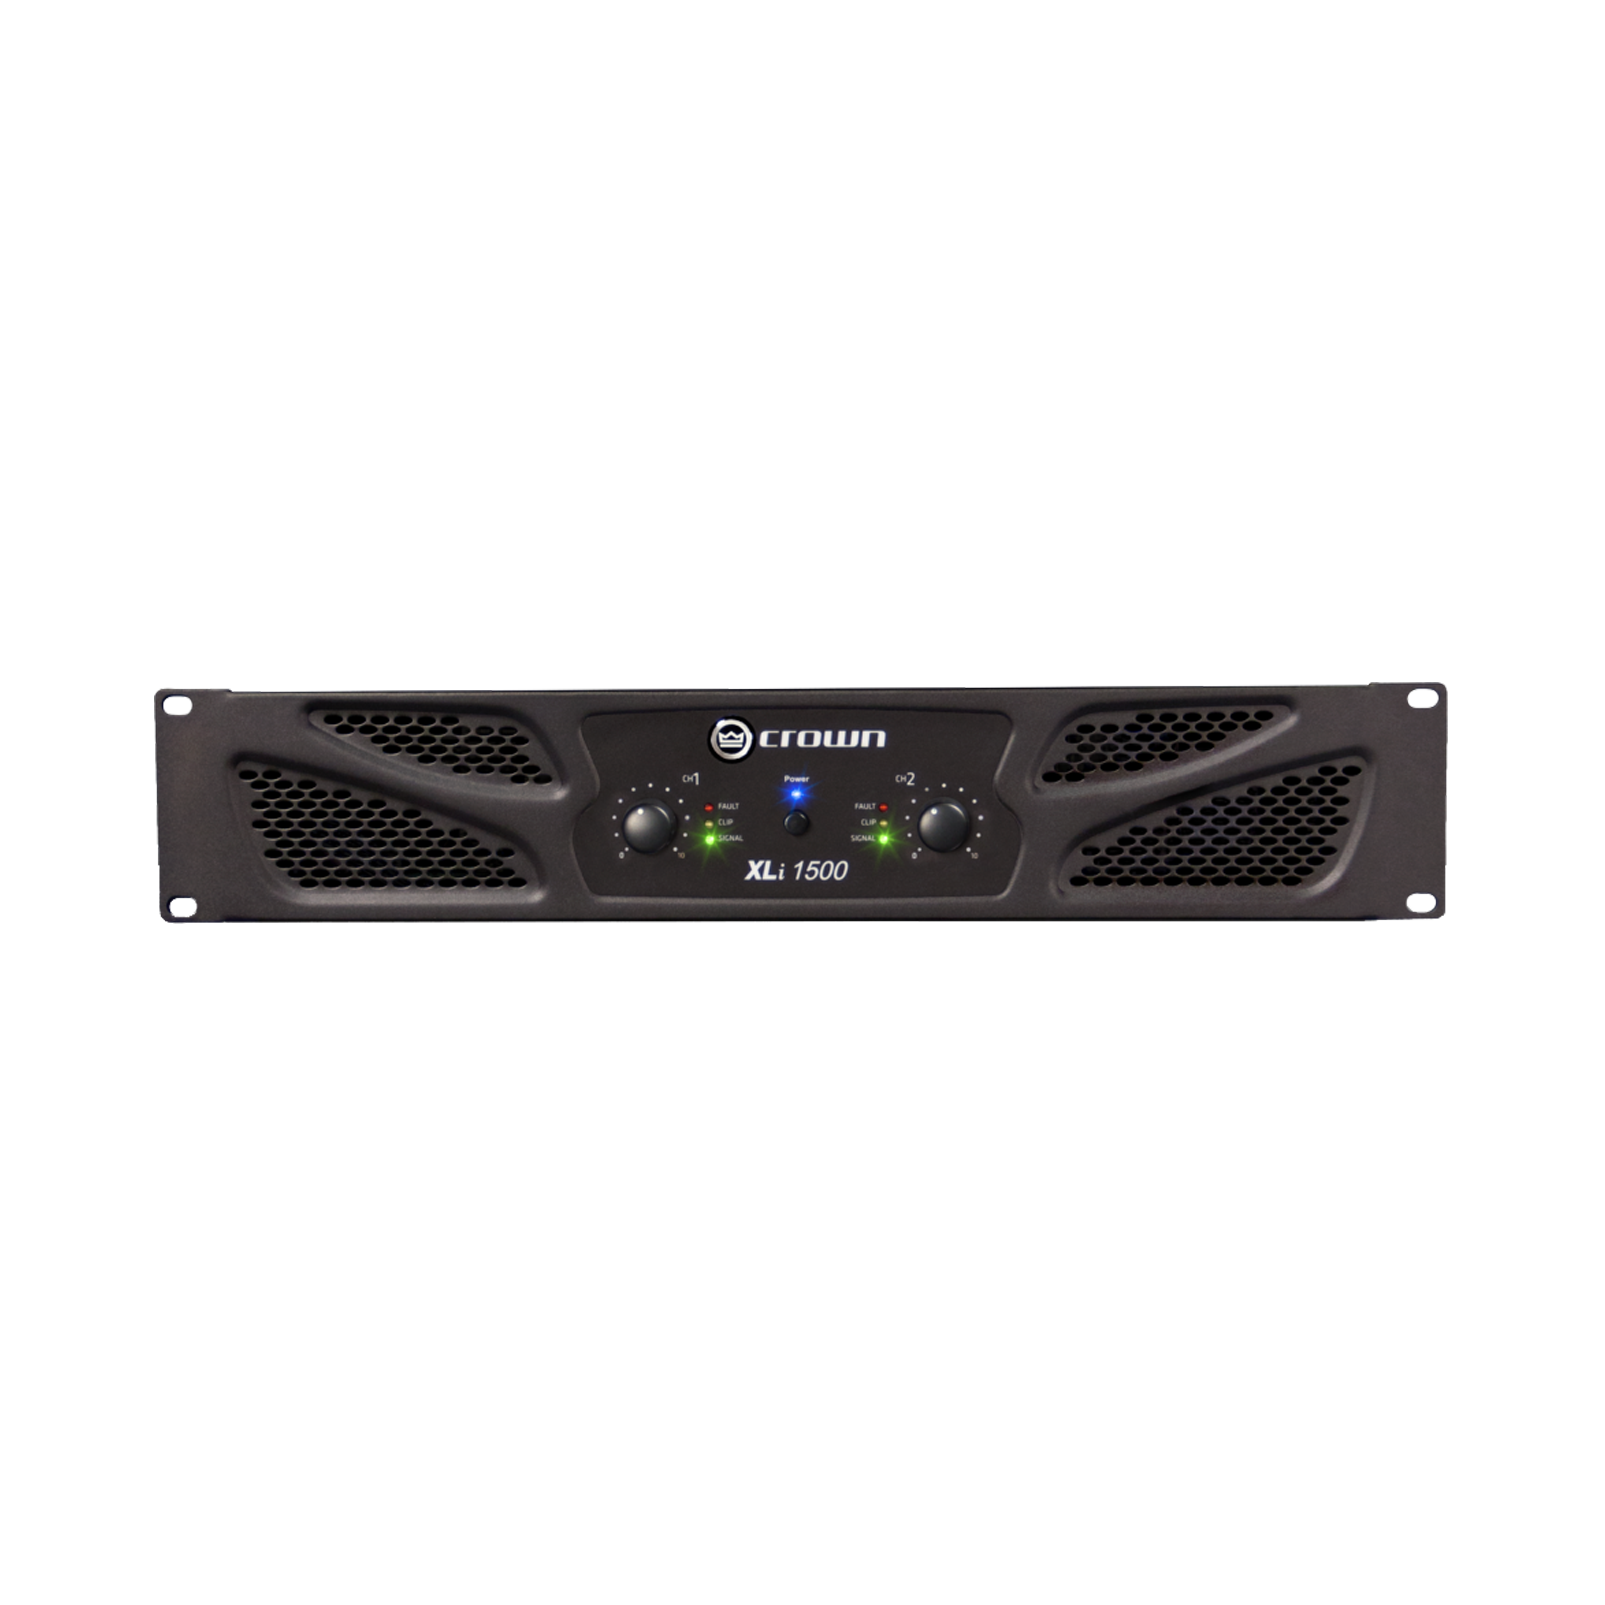 XLi 1500 - Grey - Two-channel, 450W @ 4Ω power amplifier - Hero